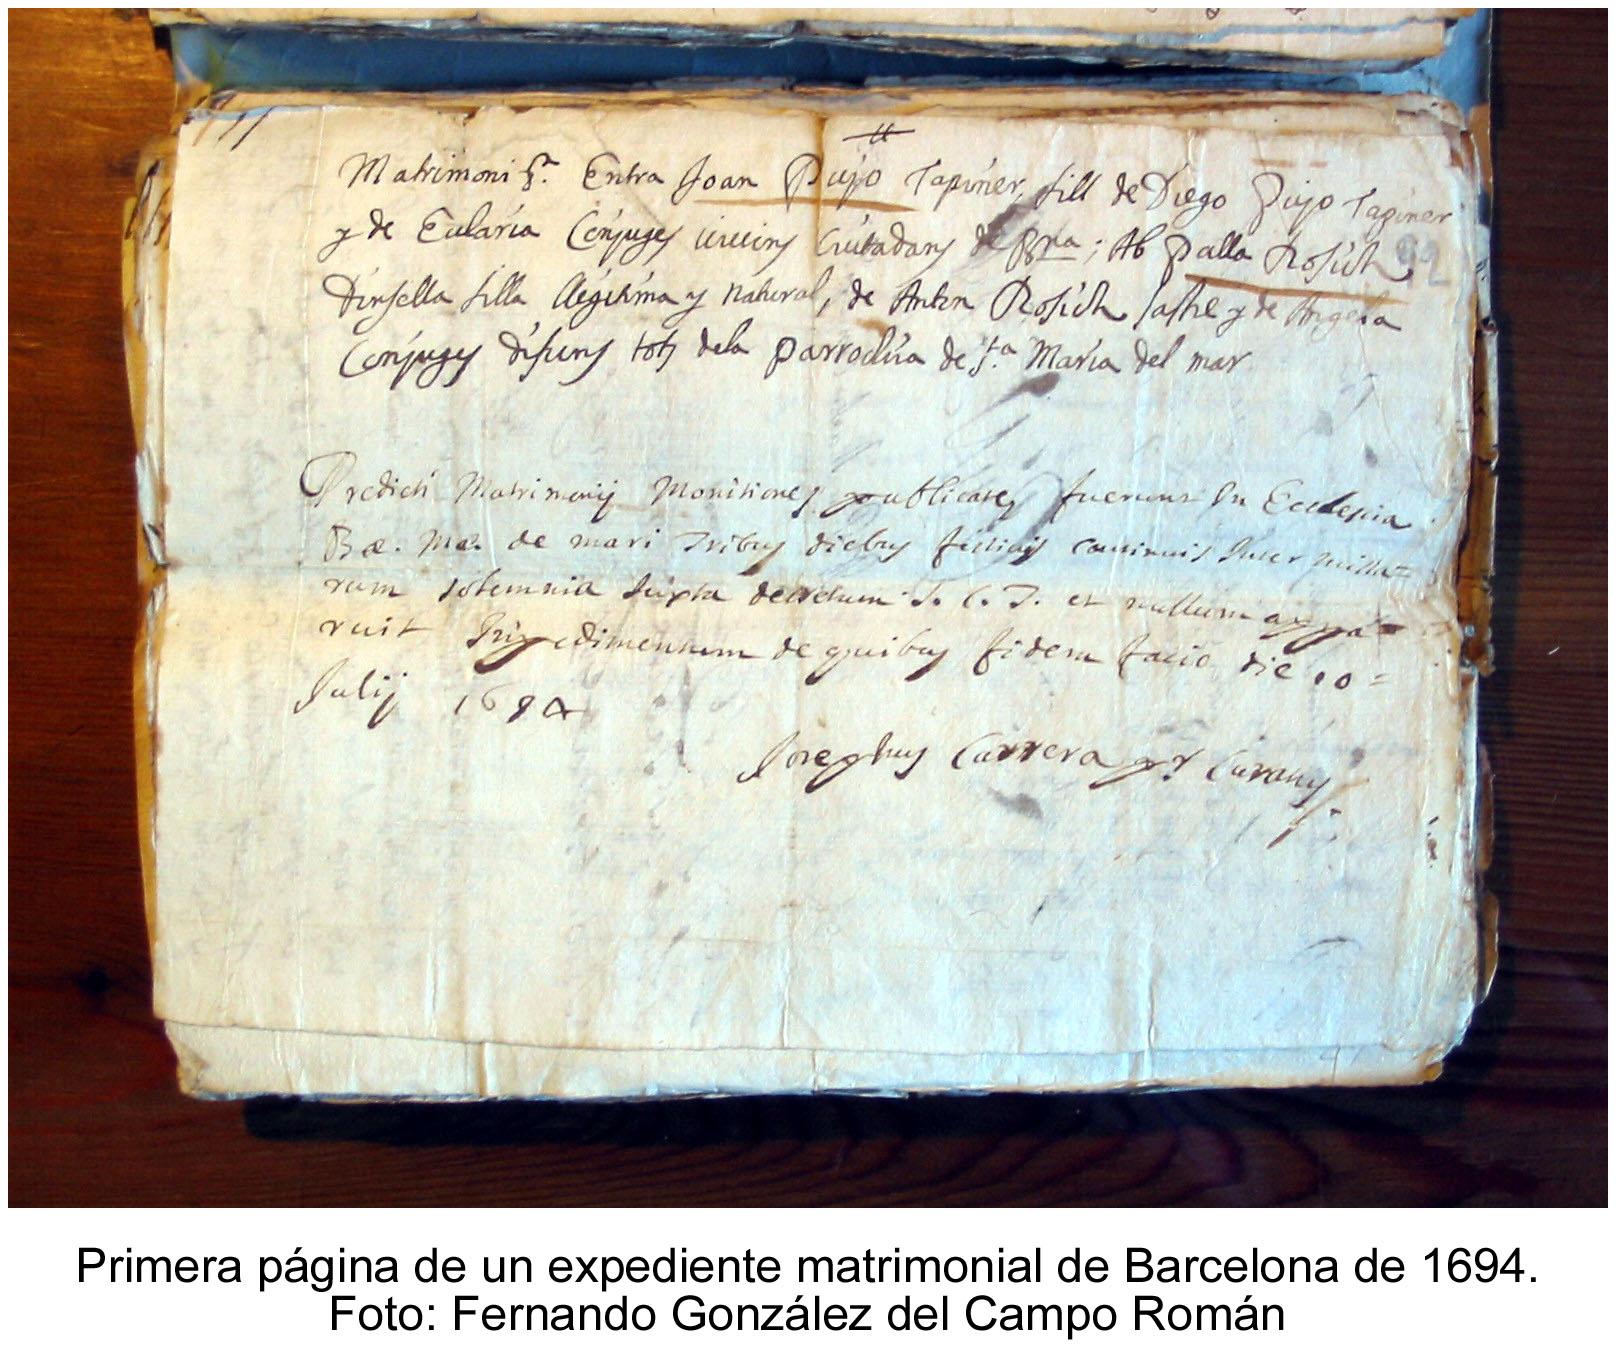 Primera página de un expediente matrimonial de Barcelona de 1694. Foto (reducida): Fernando González del Campo Román